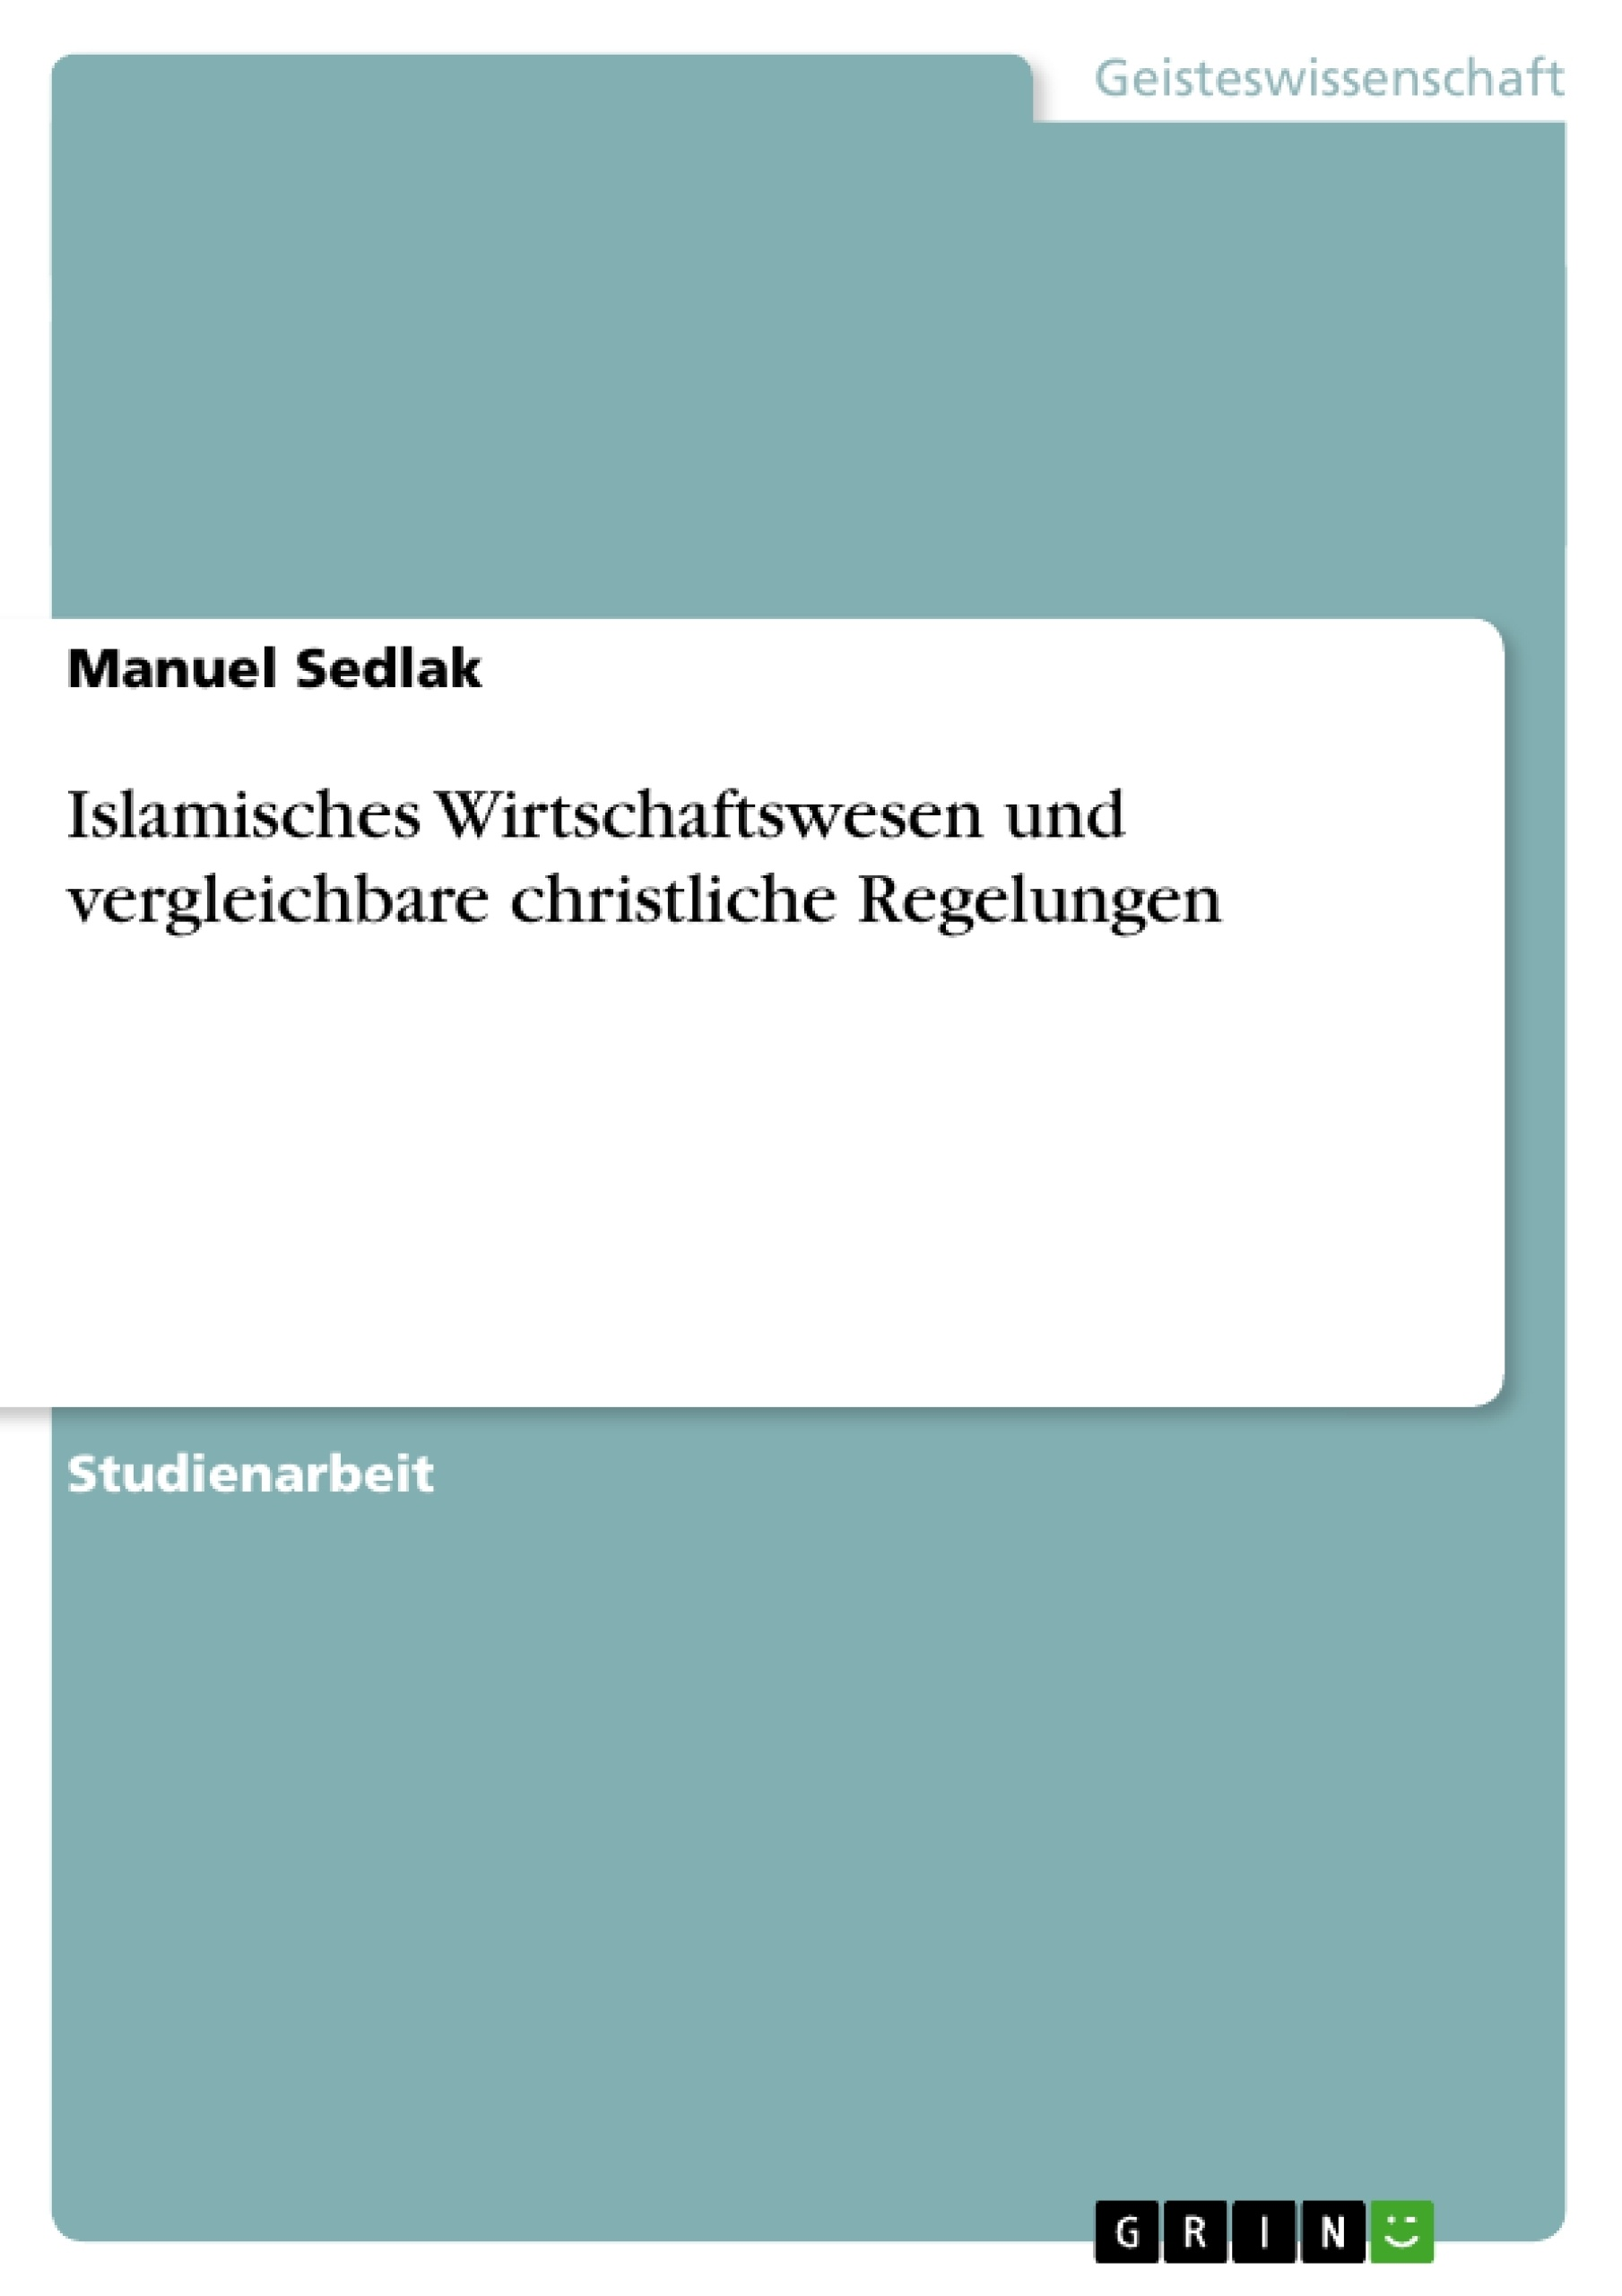 Titel: Islamisches Wirtschaftswesen und vergleichbare christliche Regelungen